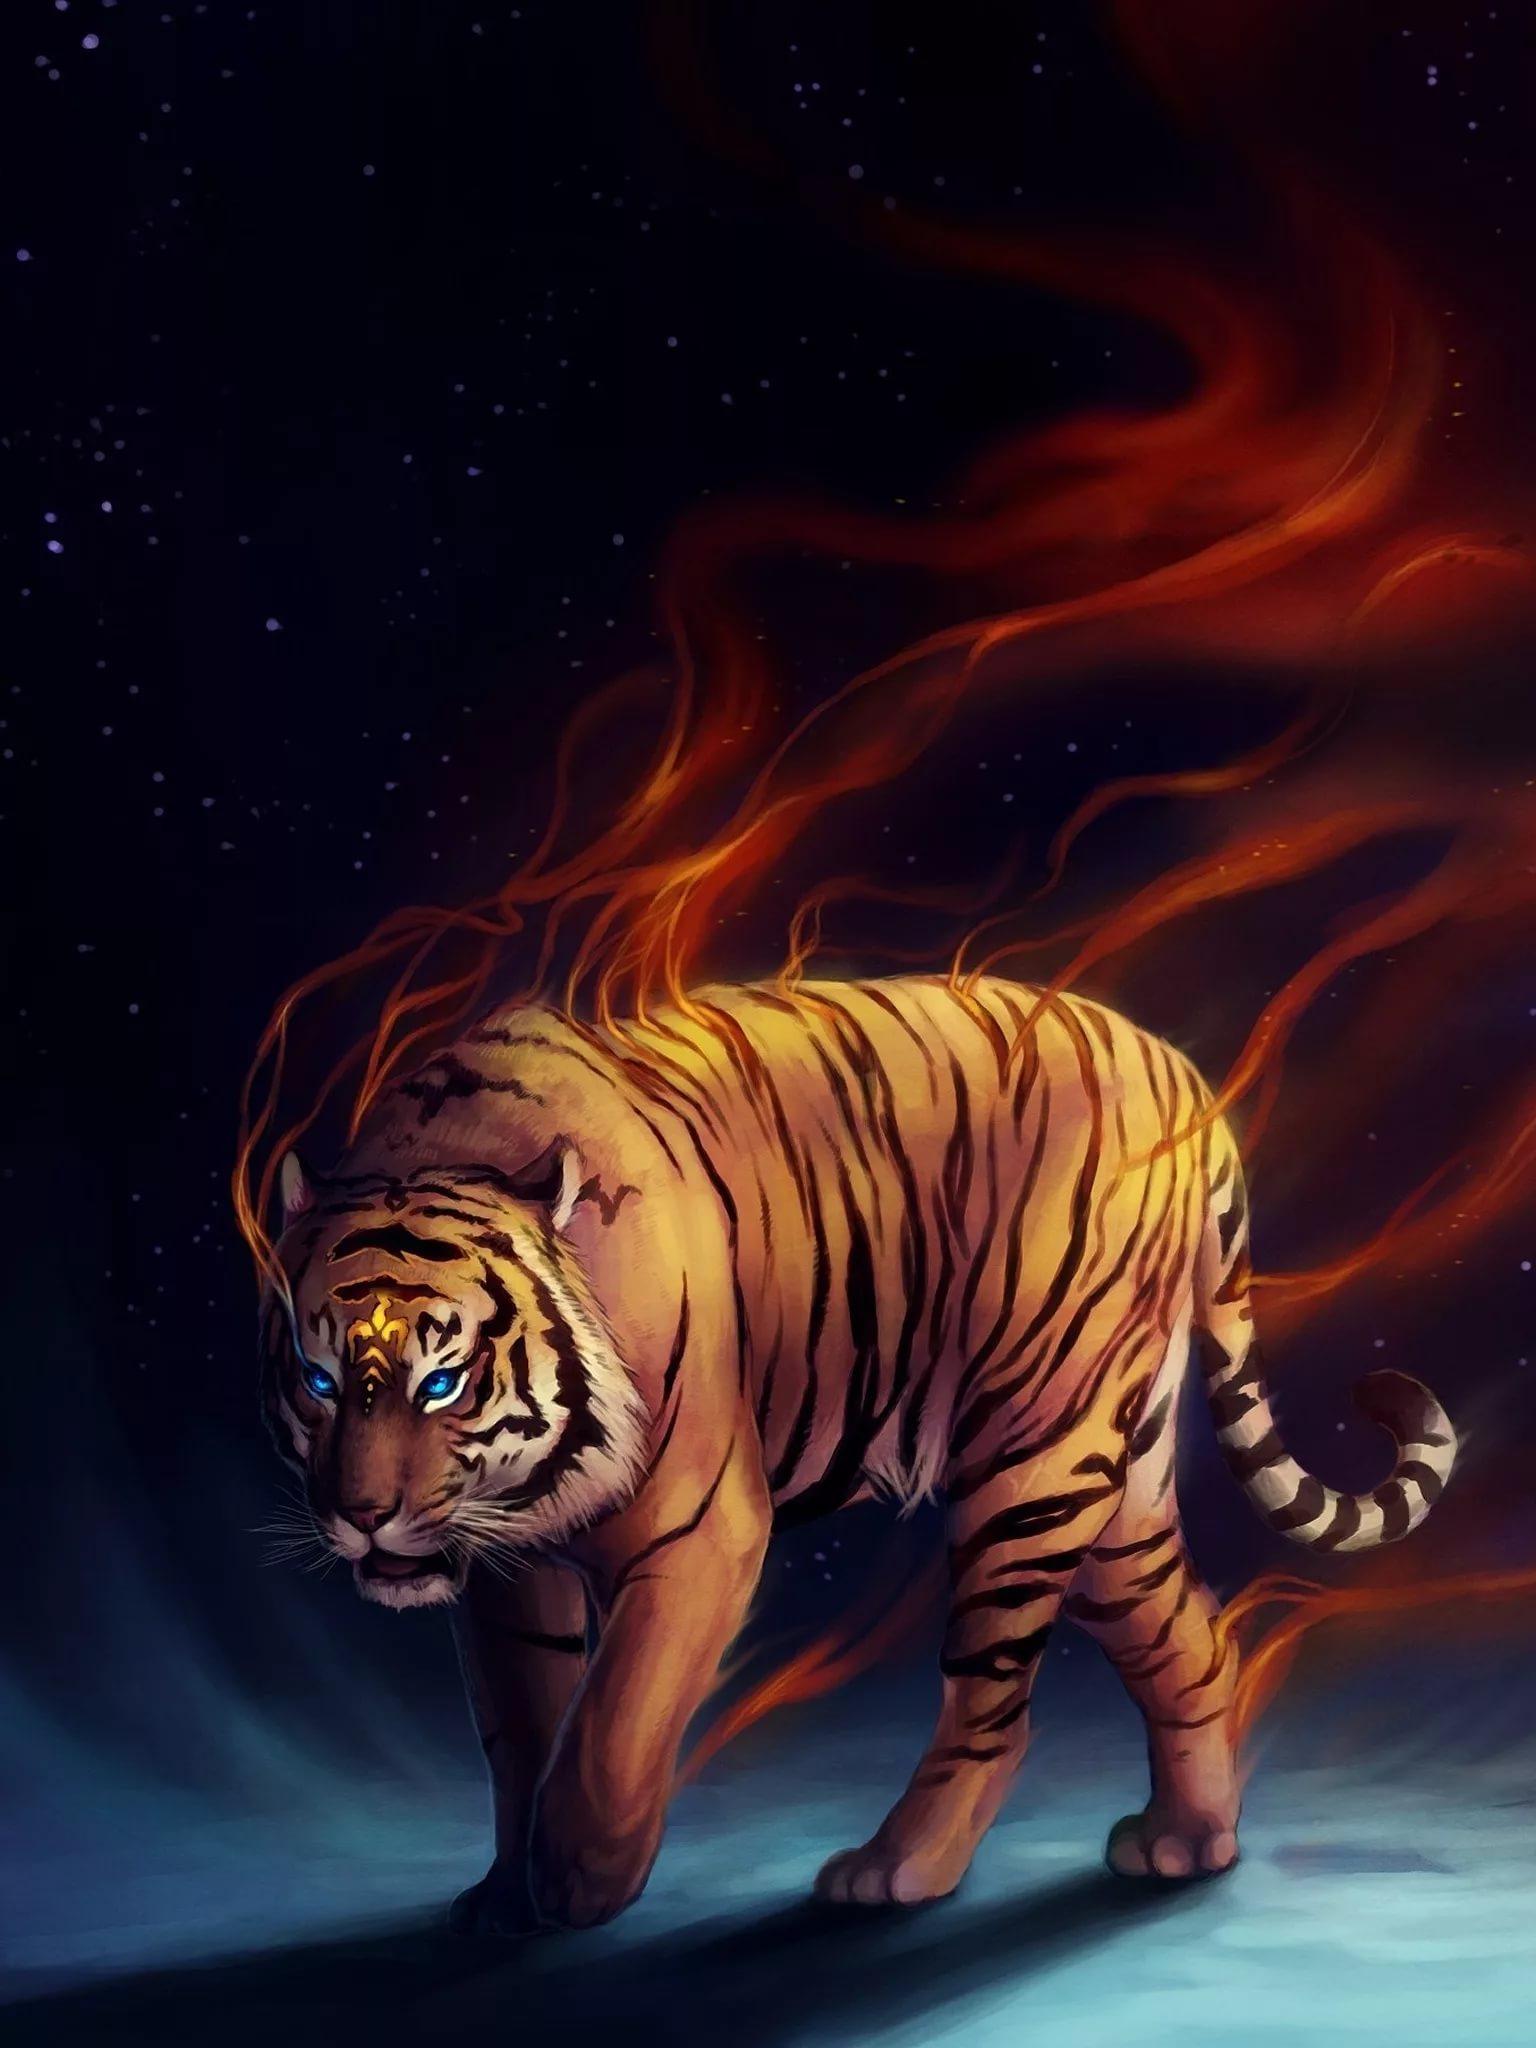 Картинки тигра на телефон скачать лучшие 3